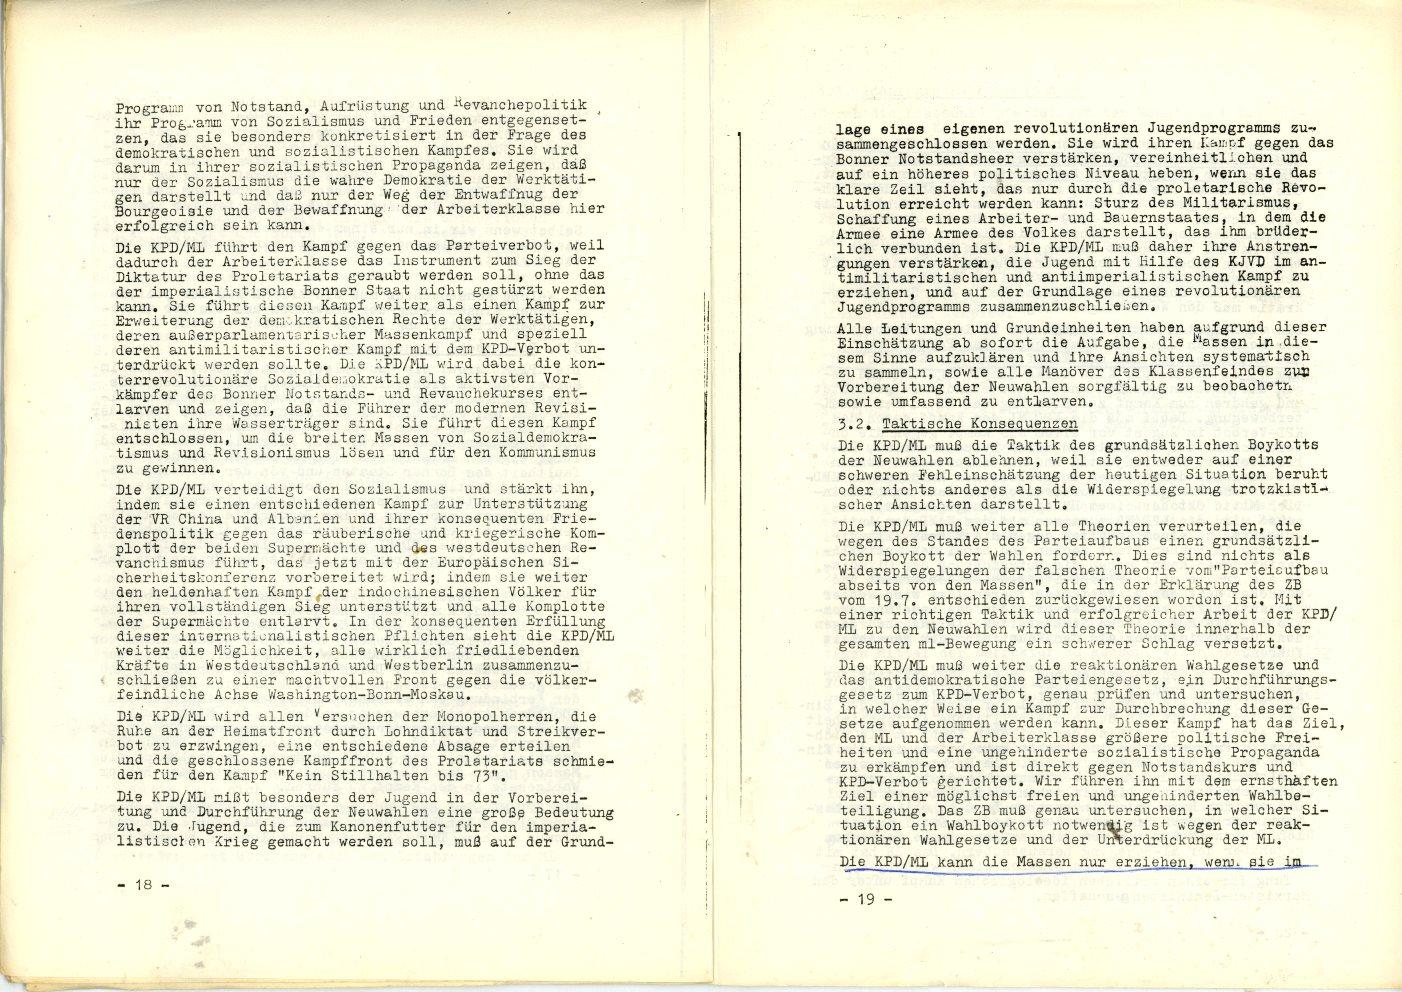 ZB_Rahmenplan_19720804_11